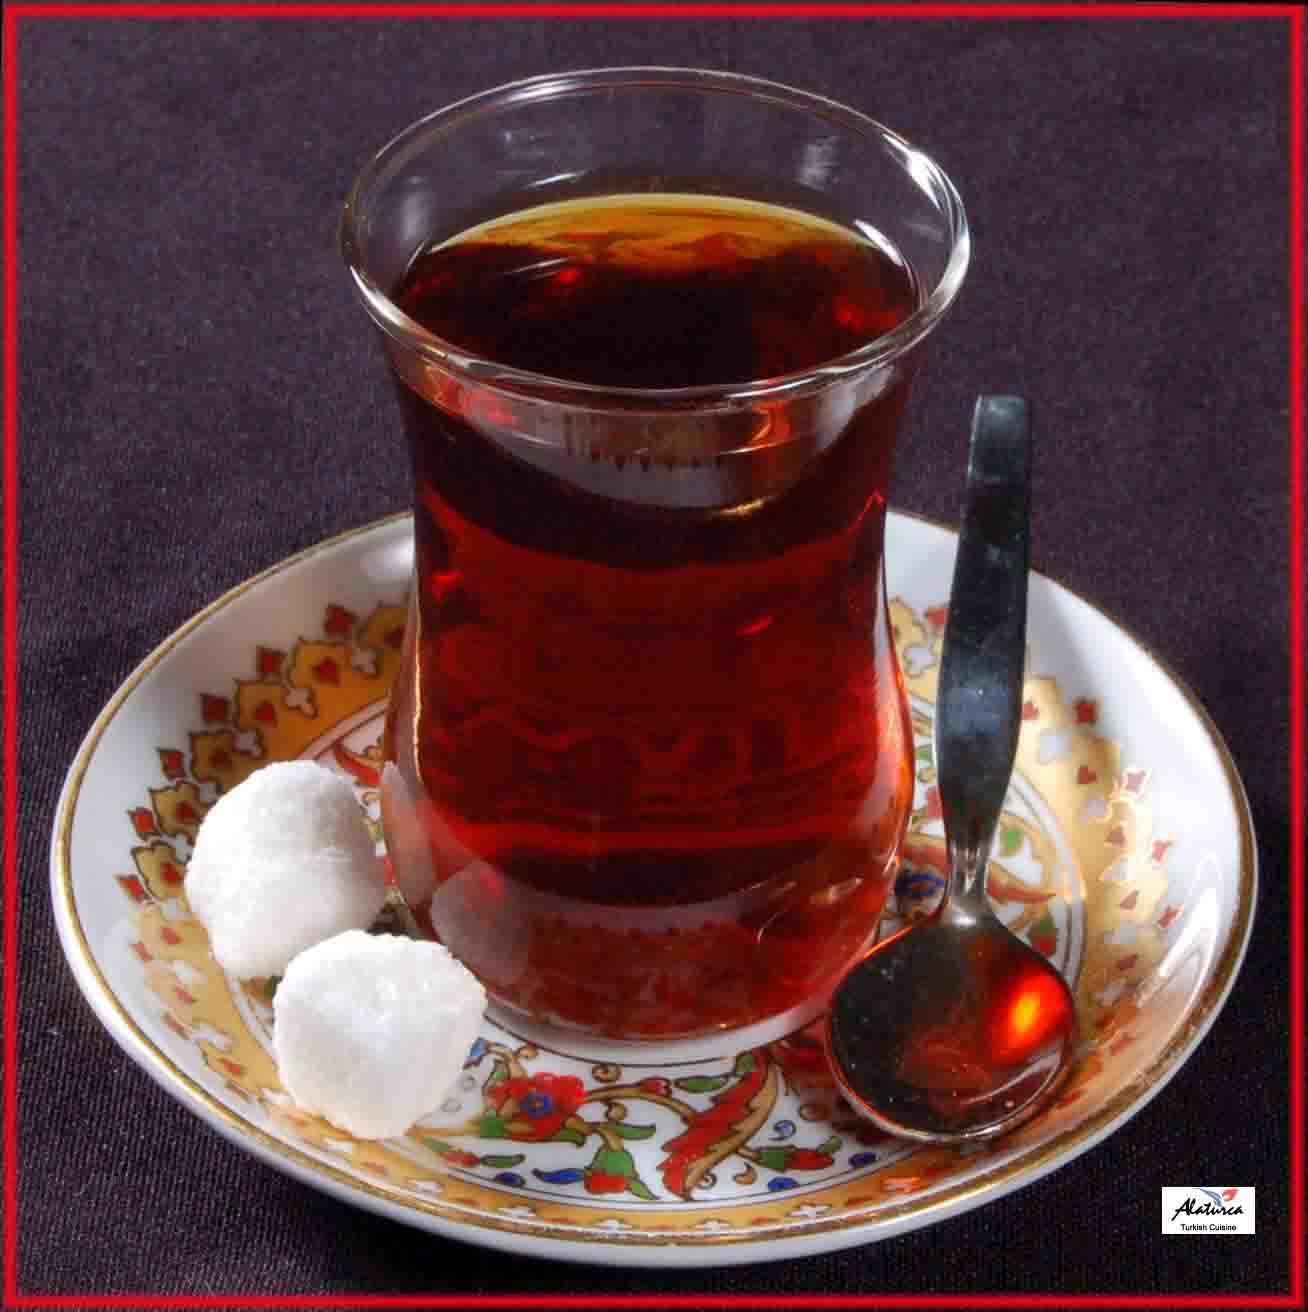 http://4.bp.blogspot.com/_xTh5b5HetQY/TR3QmIie95I/AAAAAAAAACE/WJsw1NCp0ZU/s1600/turkish+tea.jpg